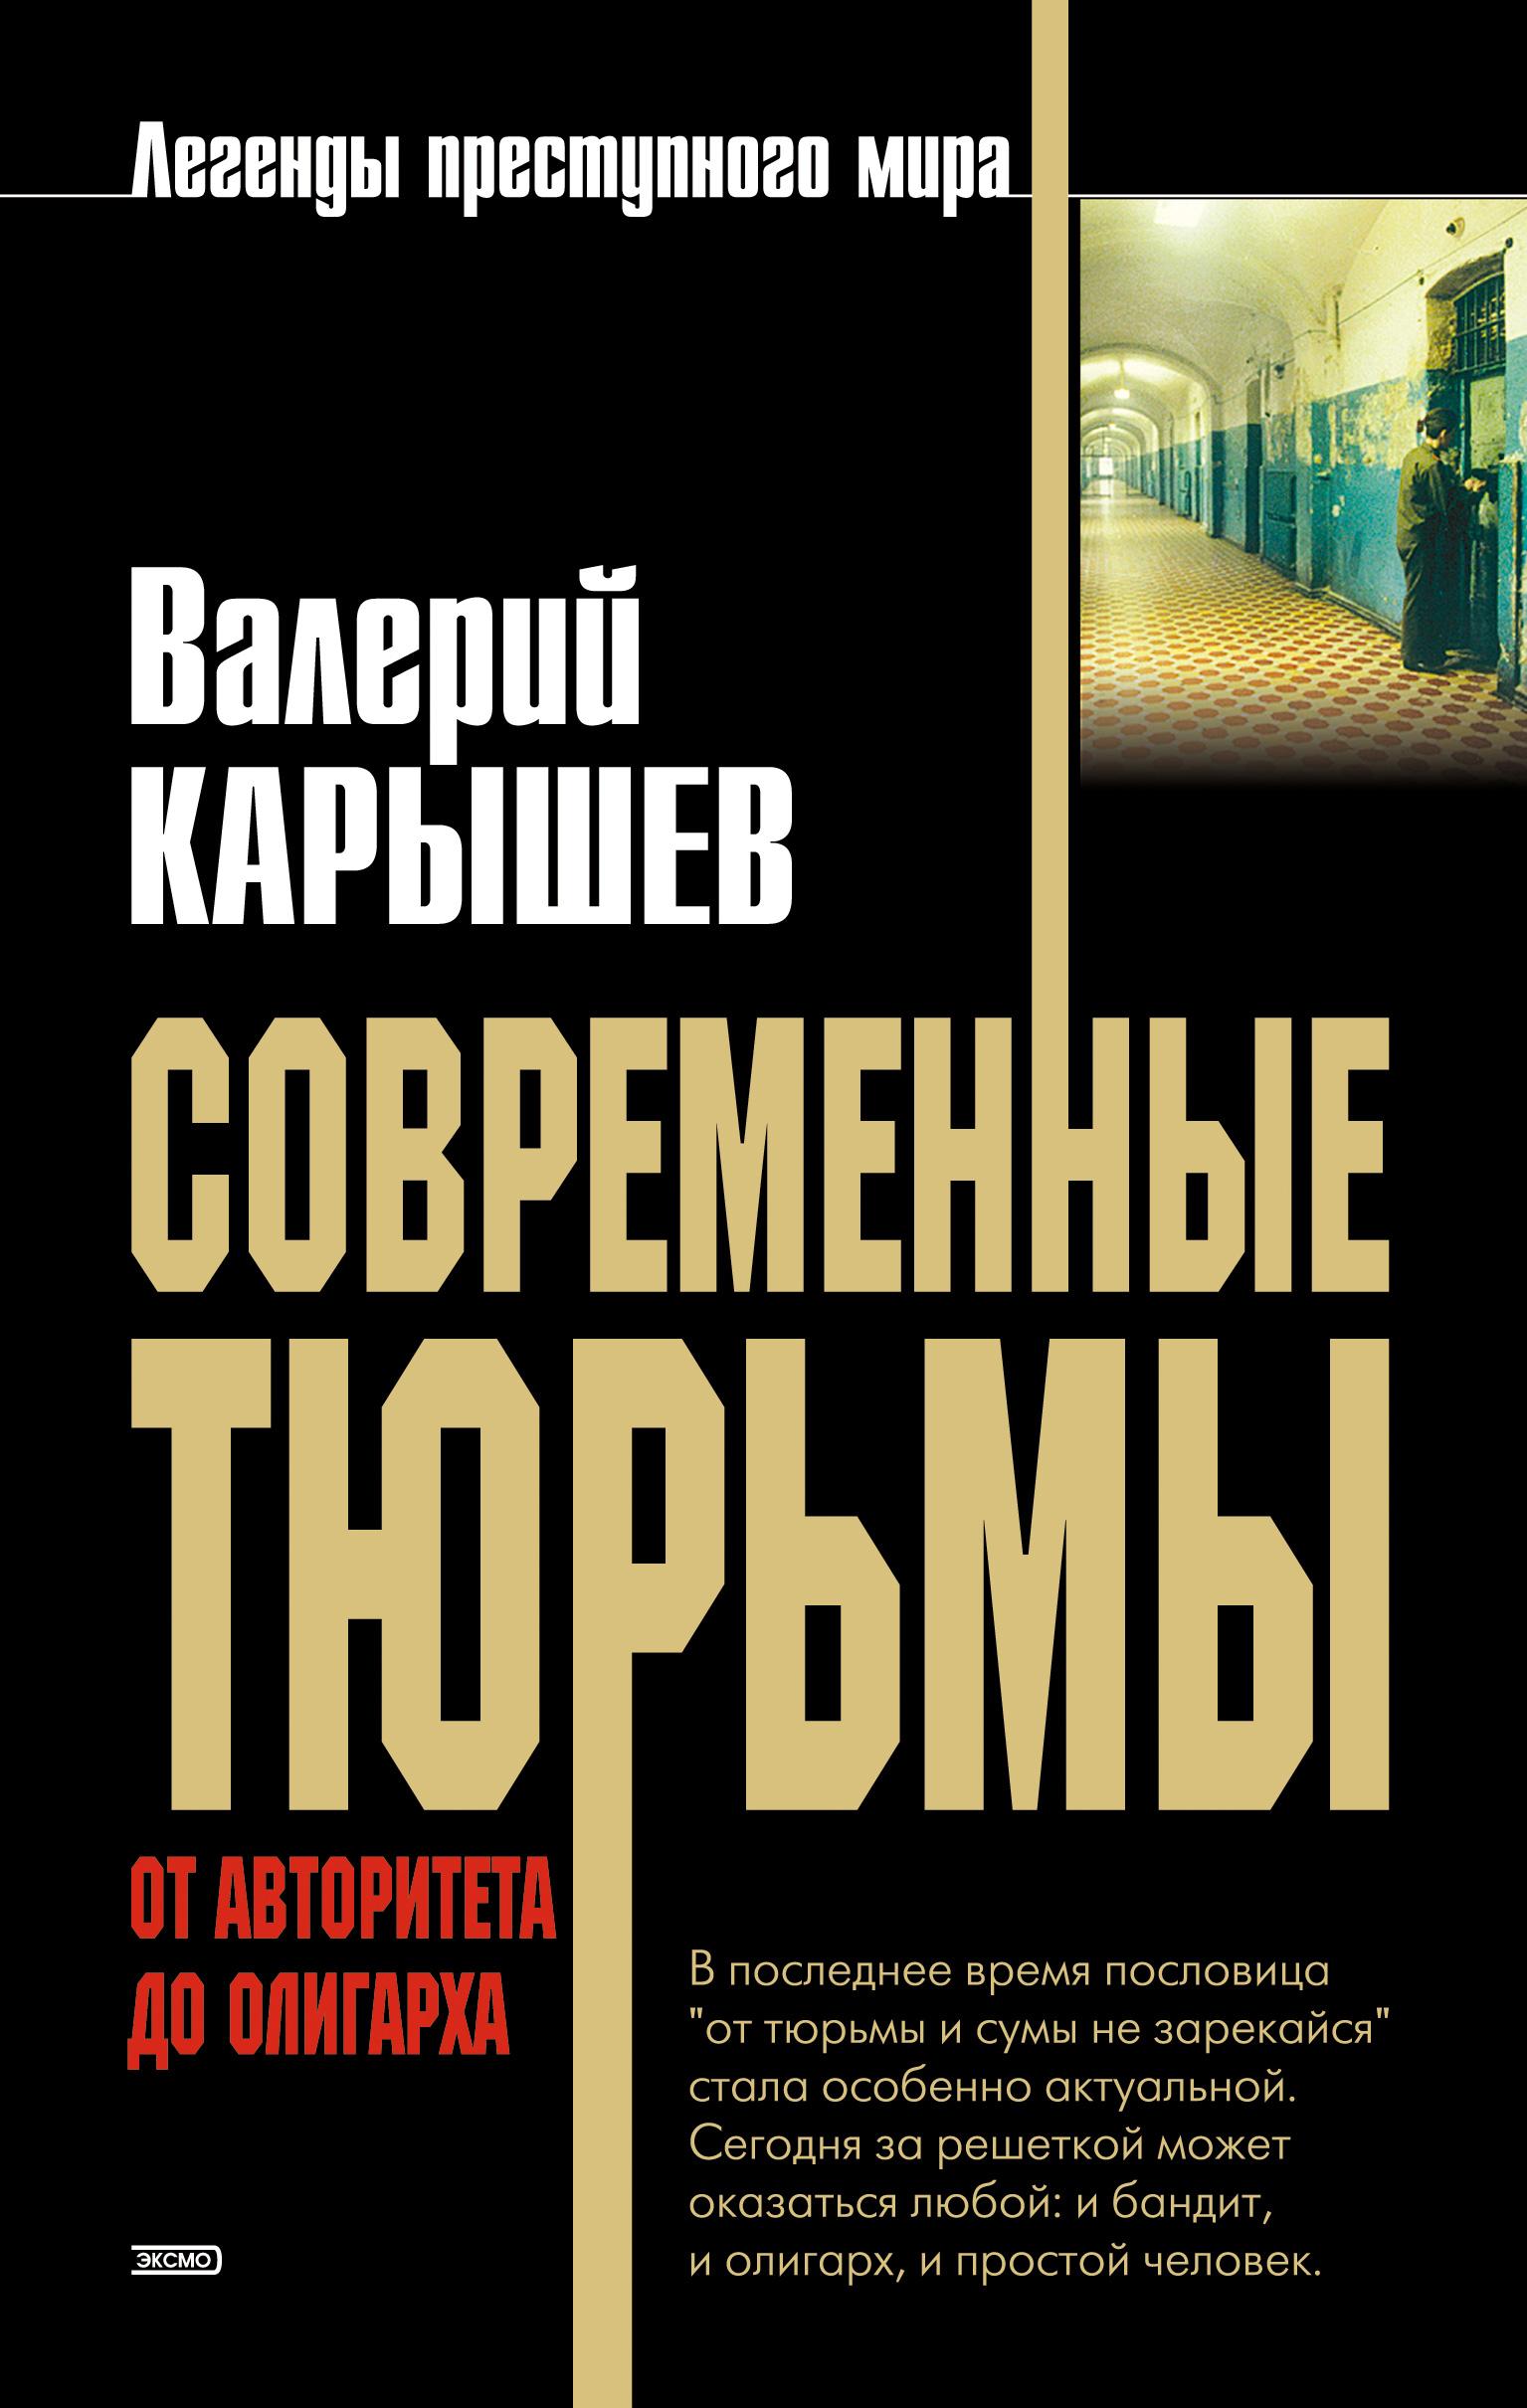 бутырка бутырка 50 лучших песен mp3 Валерий Карышев Современные тюрьмы. От авторитета до олигарха